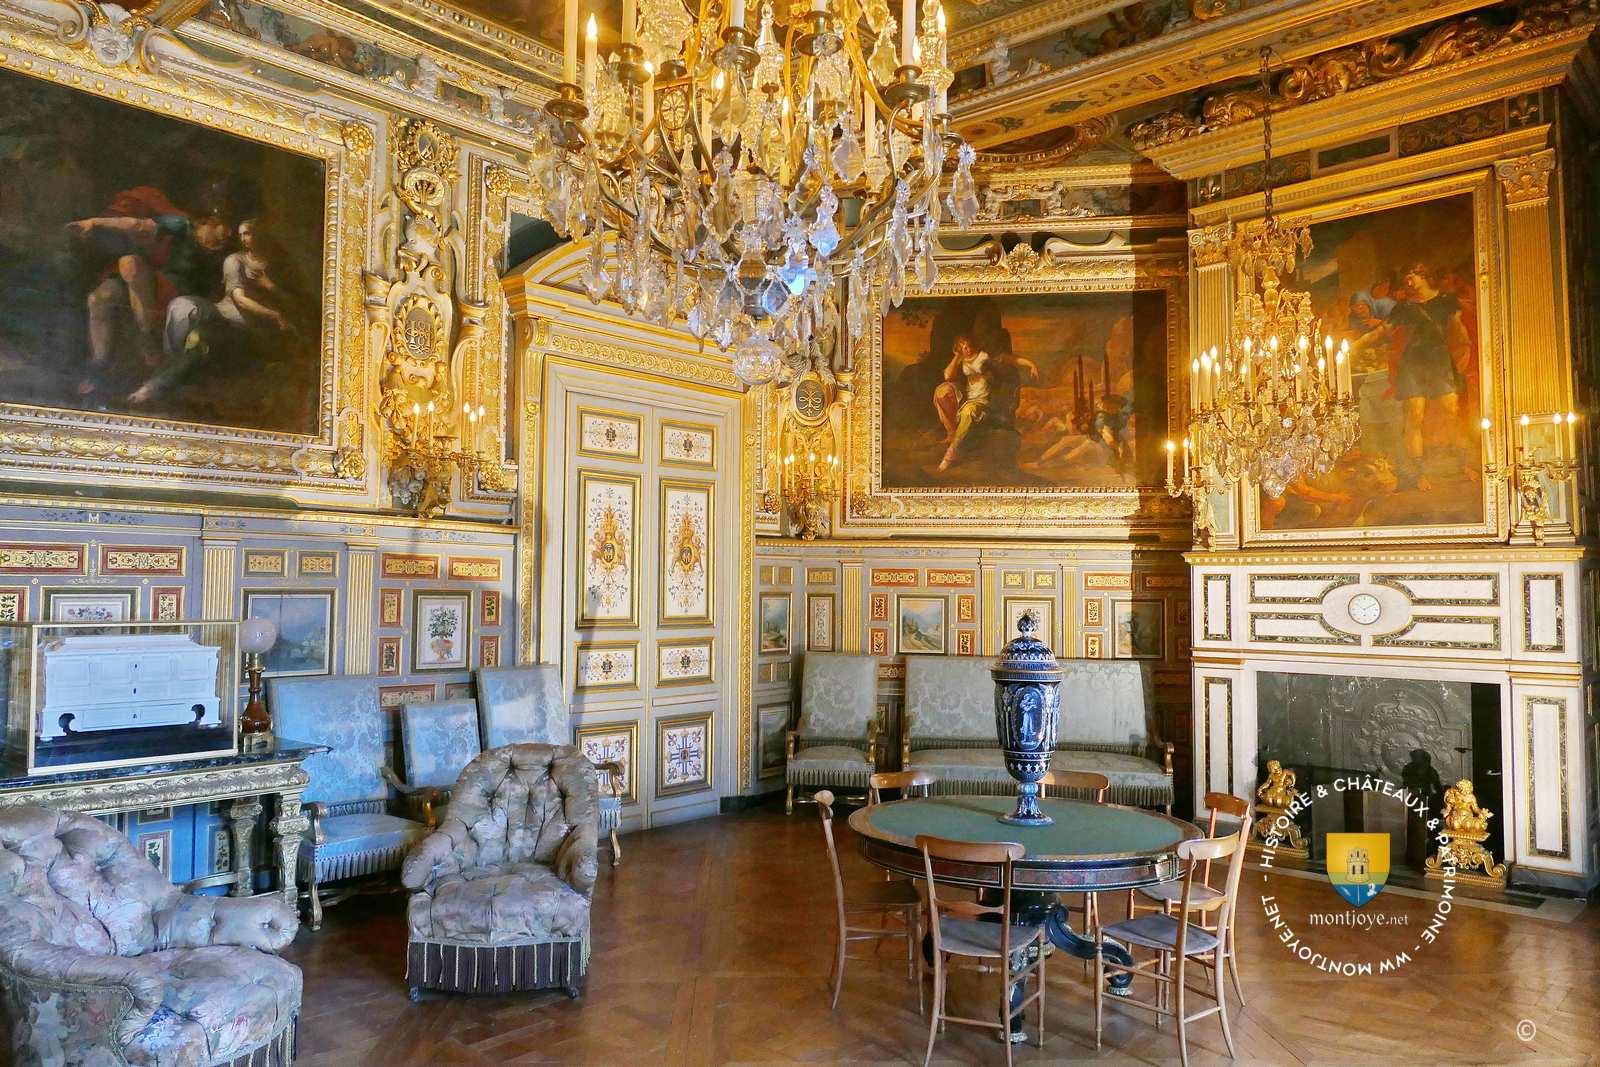 ch teau de fontainebleau seine et marne 77 le de france ch teaux de france. Black Bedroom Furniture Sets. Home Design Ideas